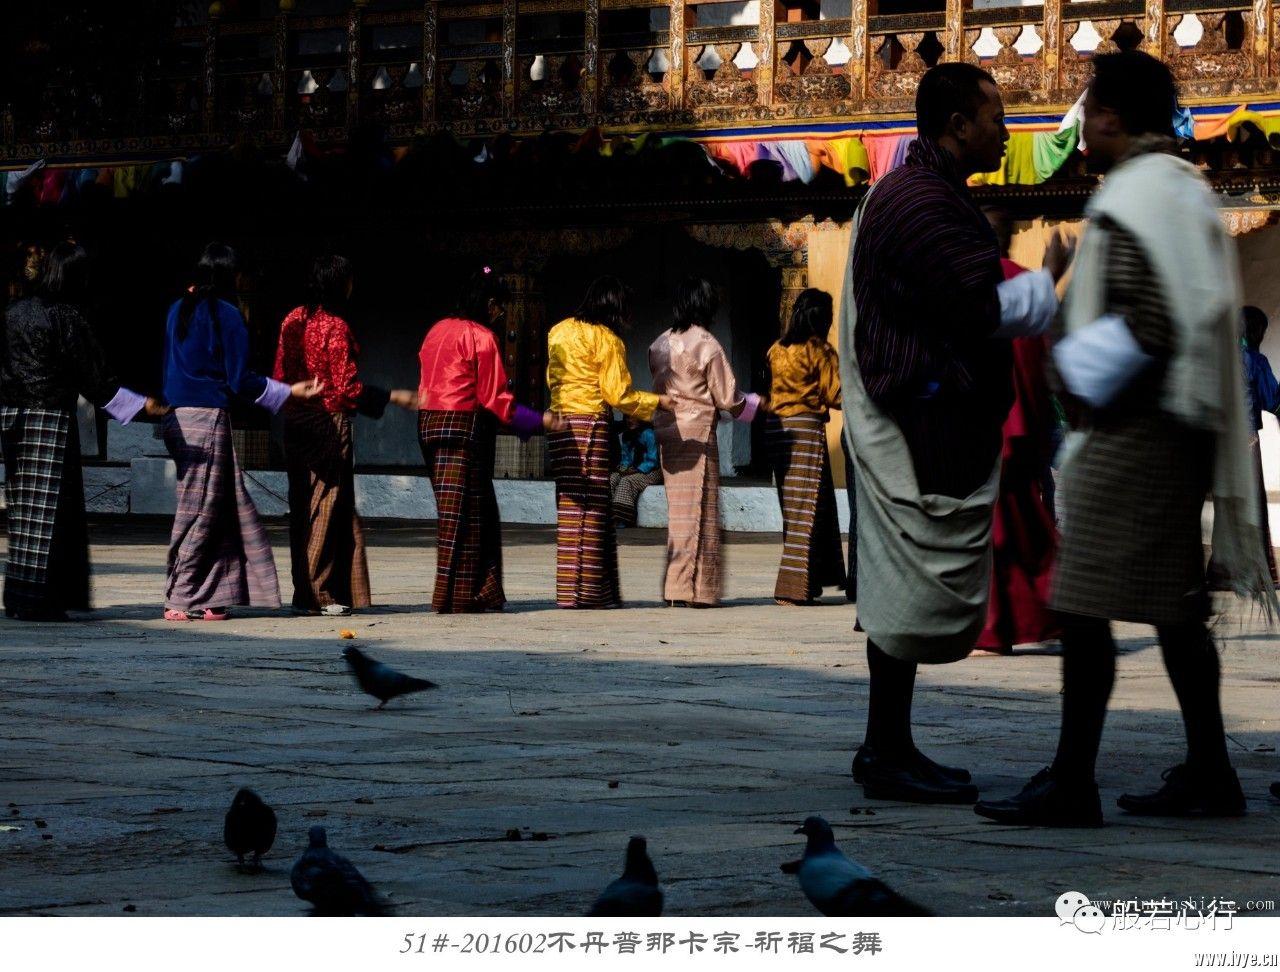 51#-201602不丹普那卡宗-祈福之舞.jpg